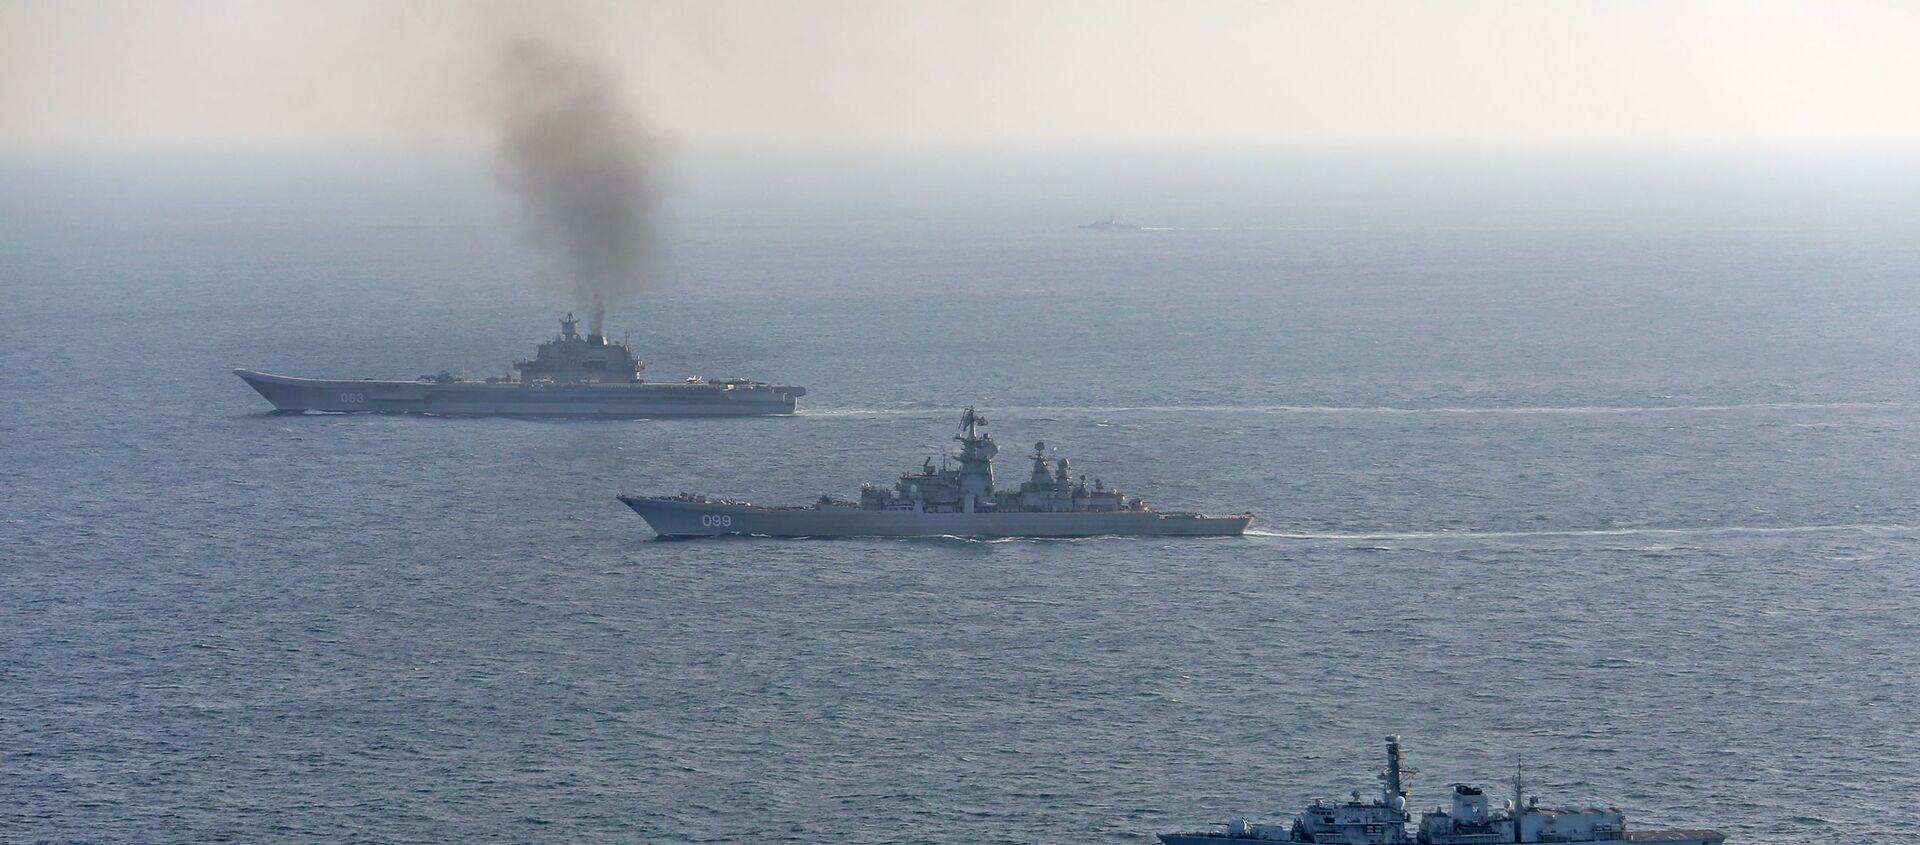 Британские ВМС и ВВС сопровождают российские корабли Адмирал Кузнецов и Петр Великий - Sputnik Аҧсны, 1920, 11.05.2021